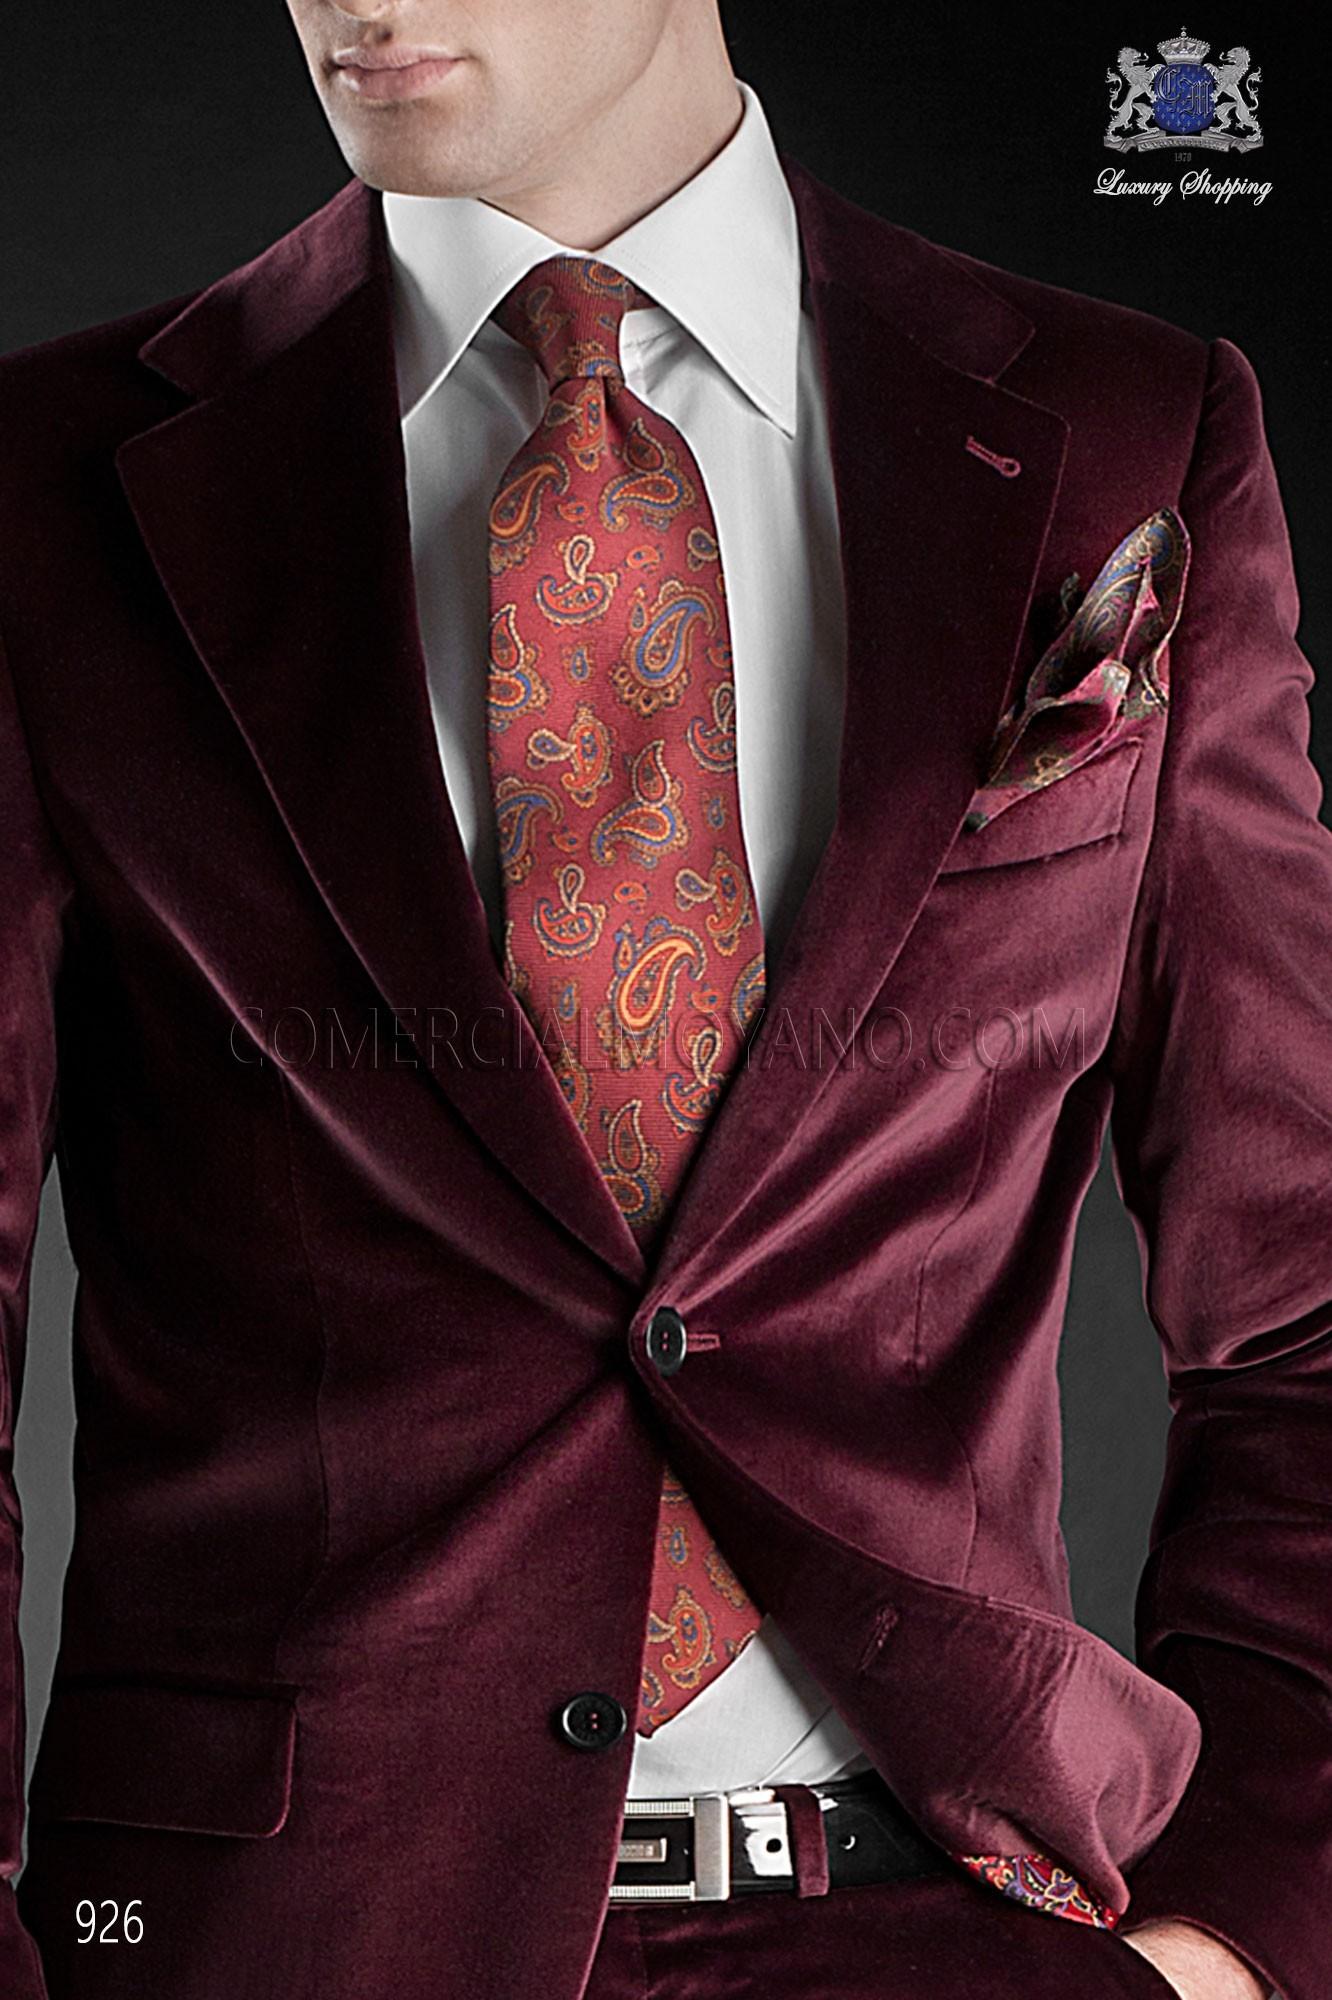 Italian blacktie red men wedding suit, model: 926 Ottavio Nuccio Gala Black Tie Collection